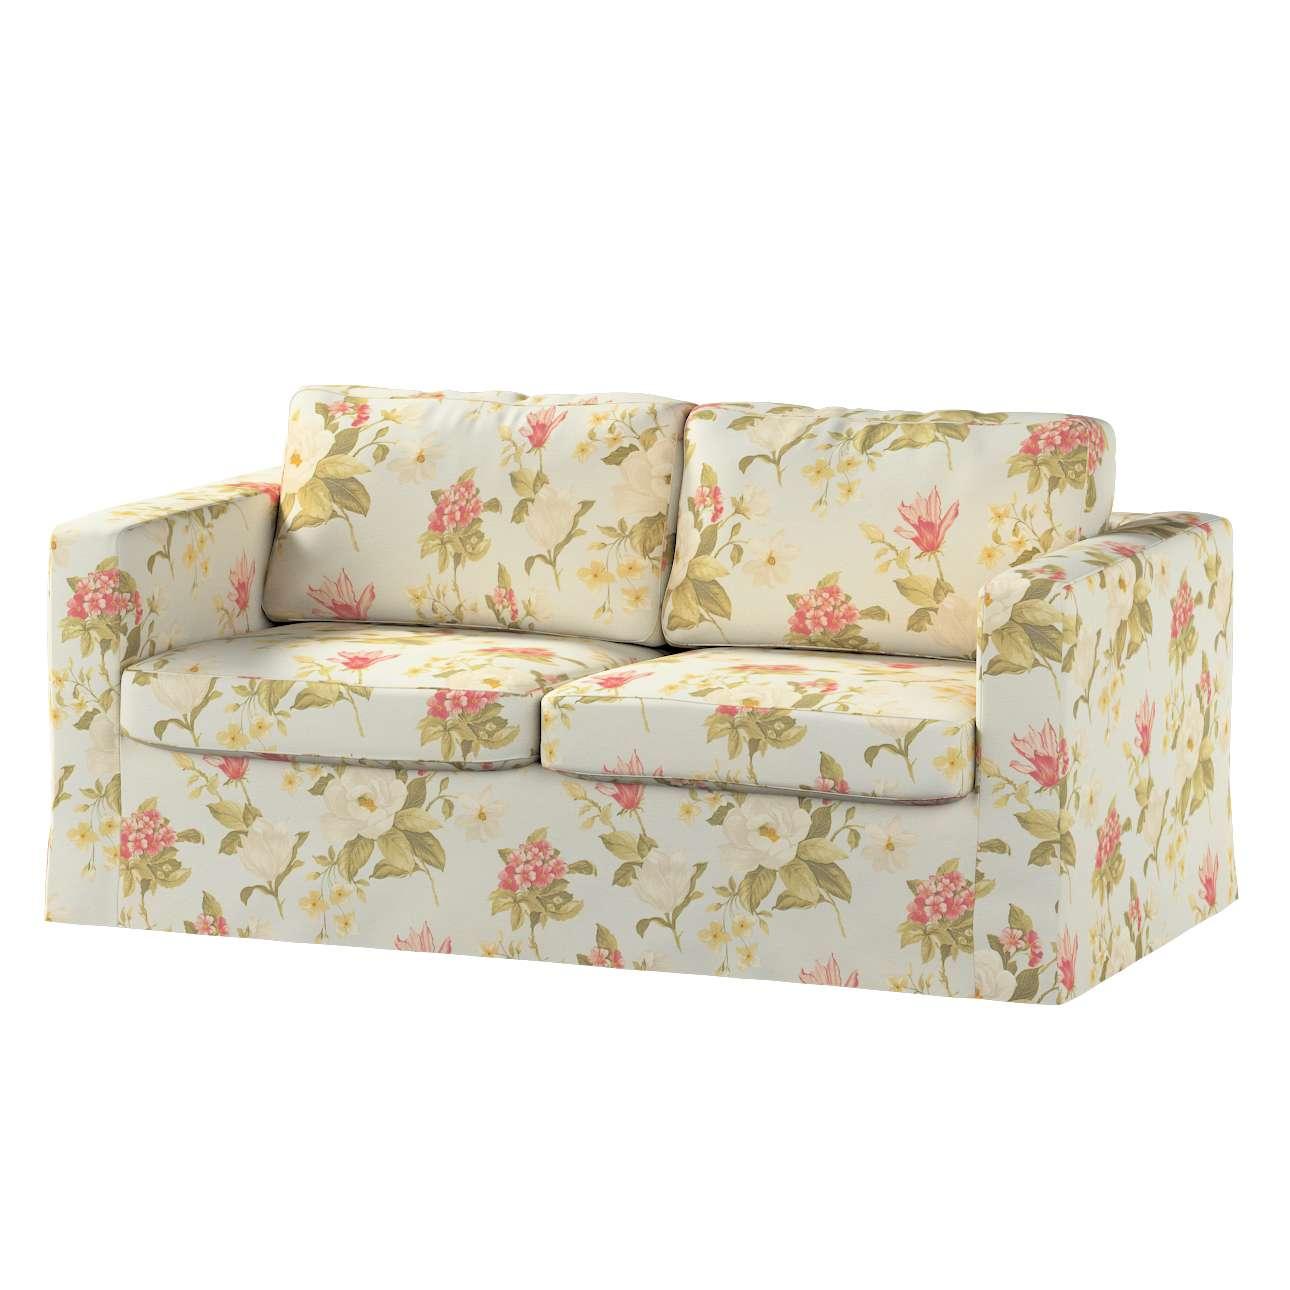 Pokrowiec na sofę Karlstad 2-osobową nierozkładaną długi Sofa Karlstad 2-osobowa w kolekcji Londres, tkanina: 123-65